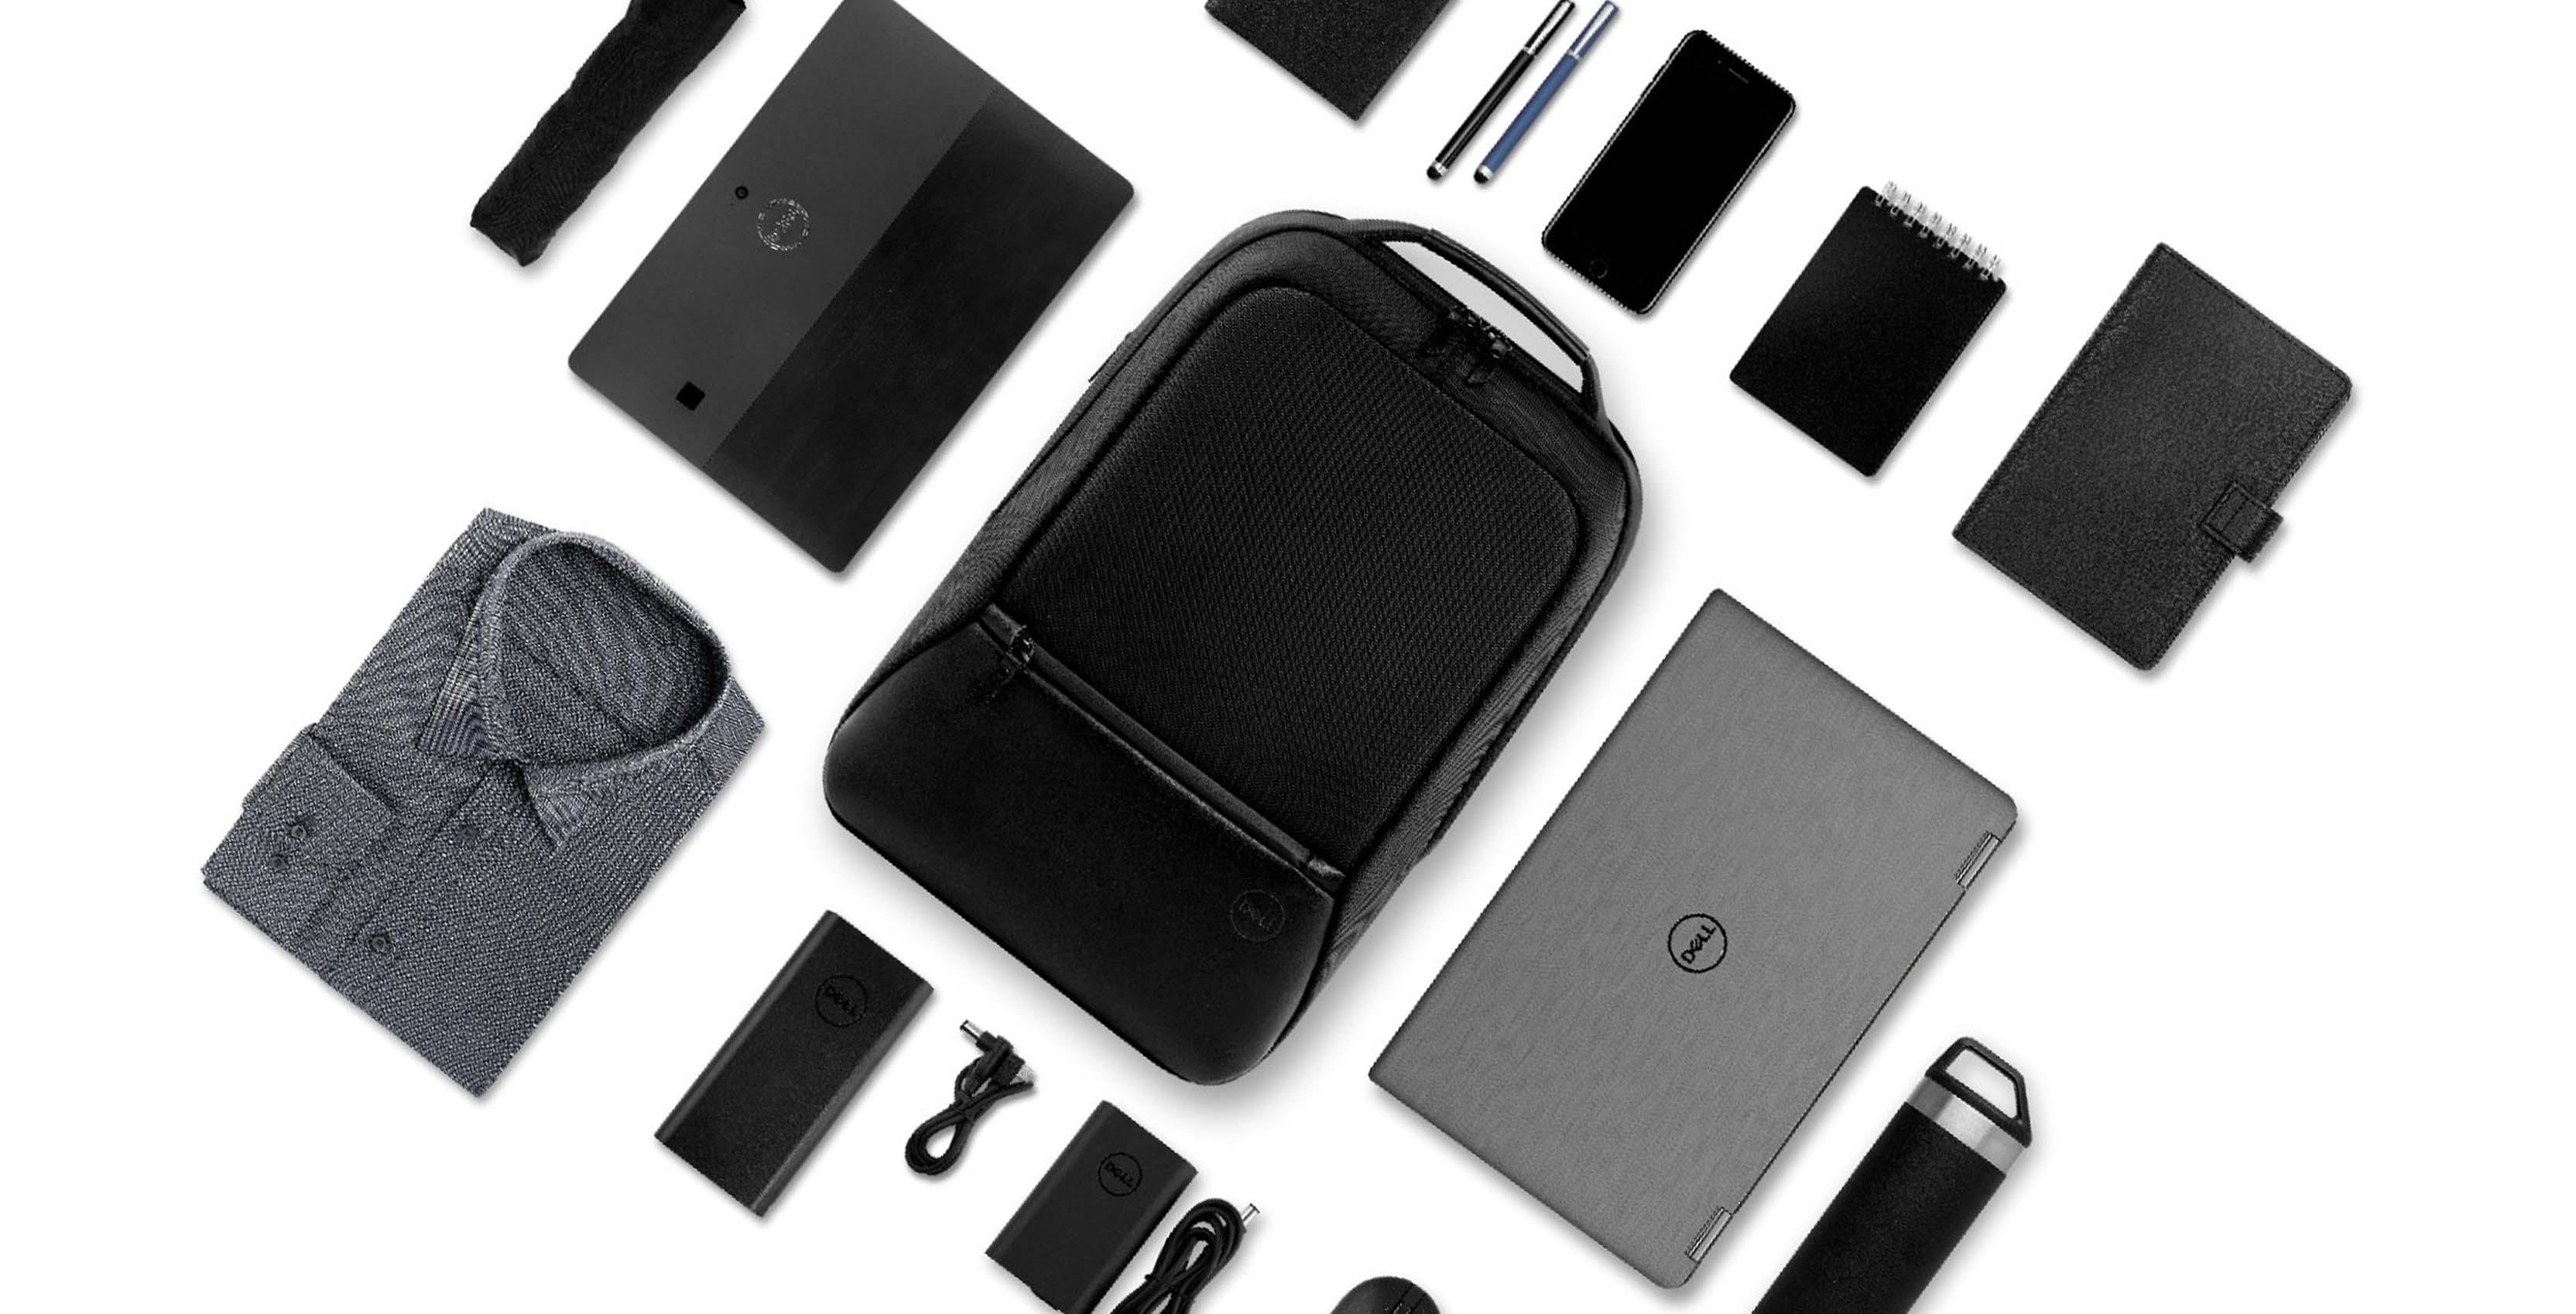 Dell Latitude accessories